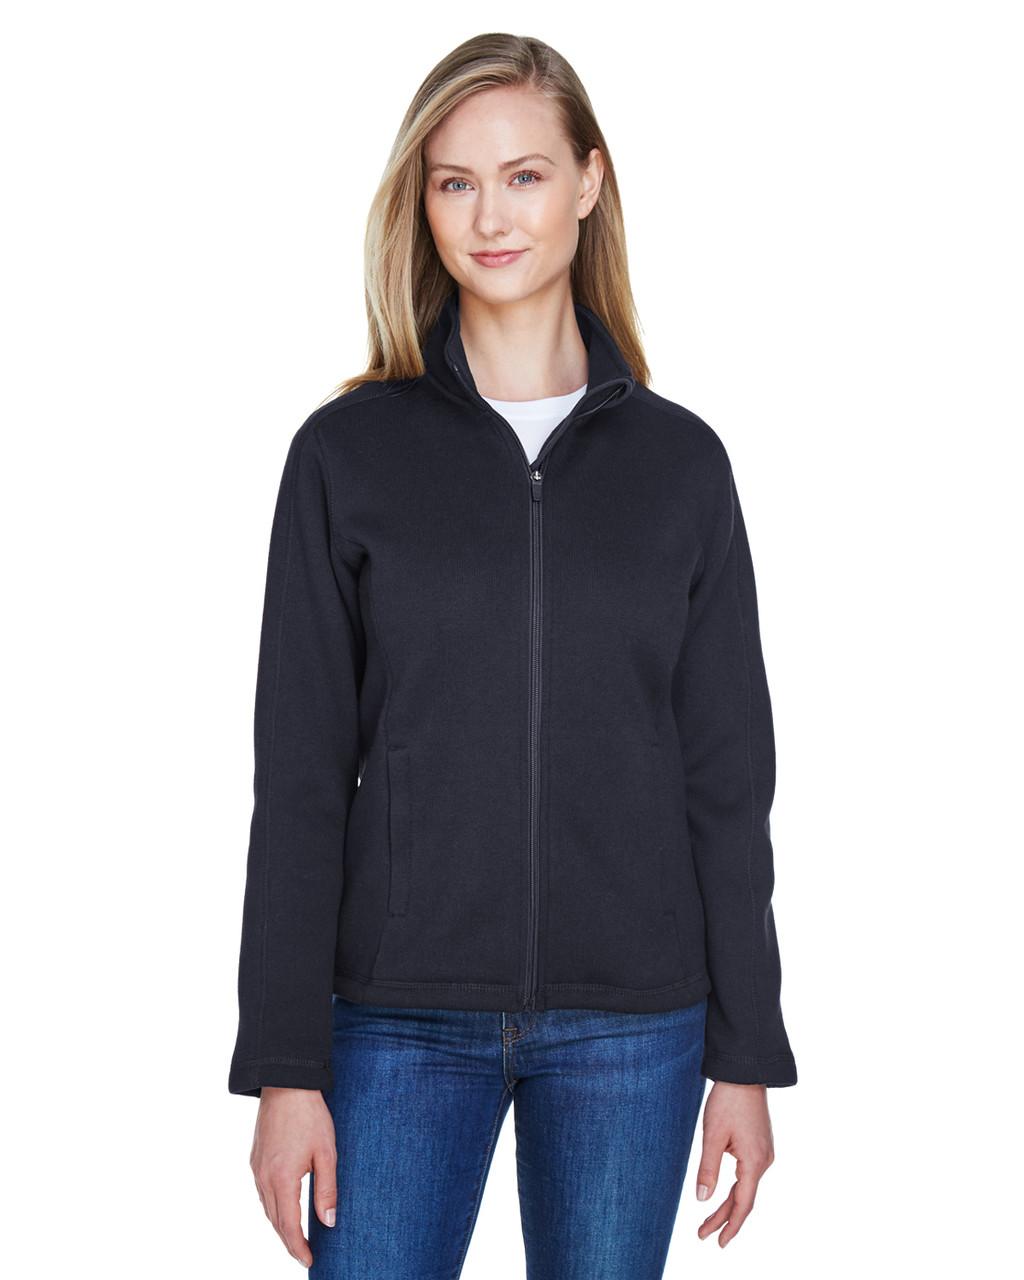 D /& Jones Womens Bristol Full-Zip Sweater Fleece Jacket